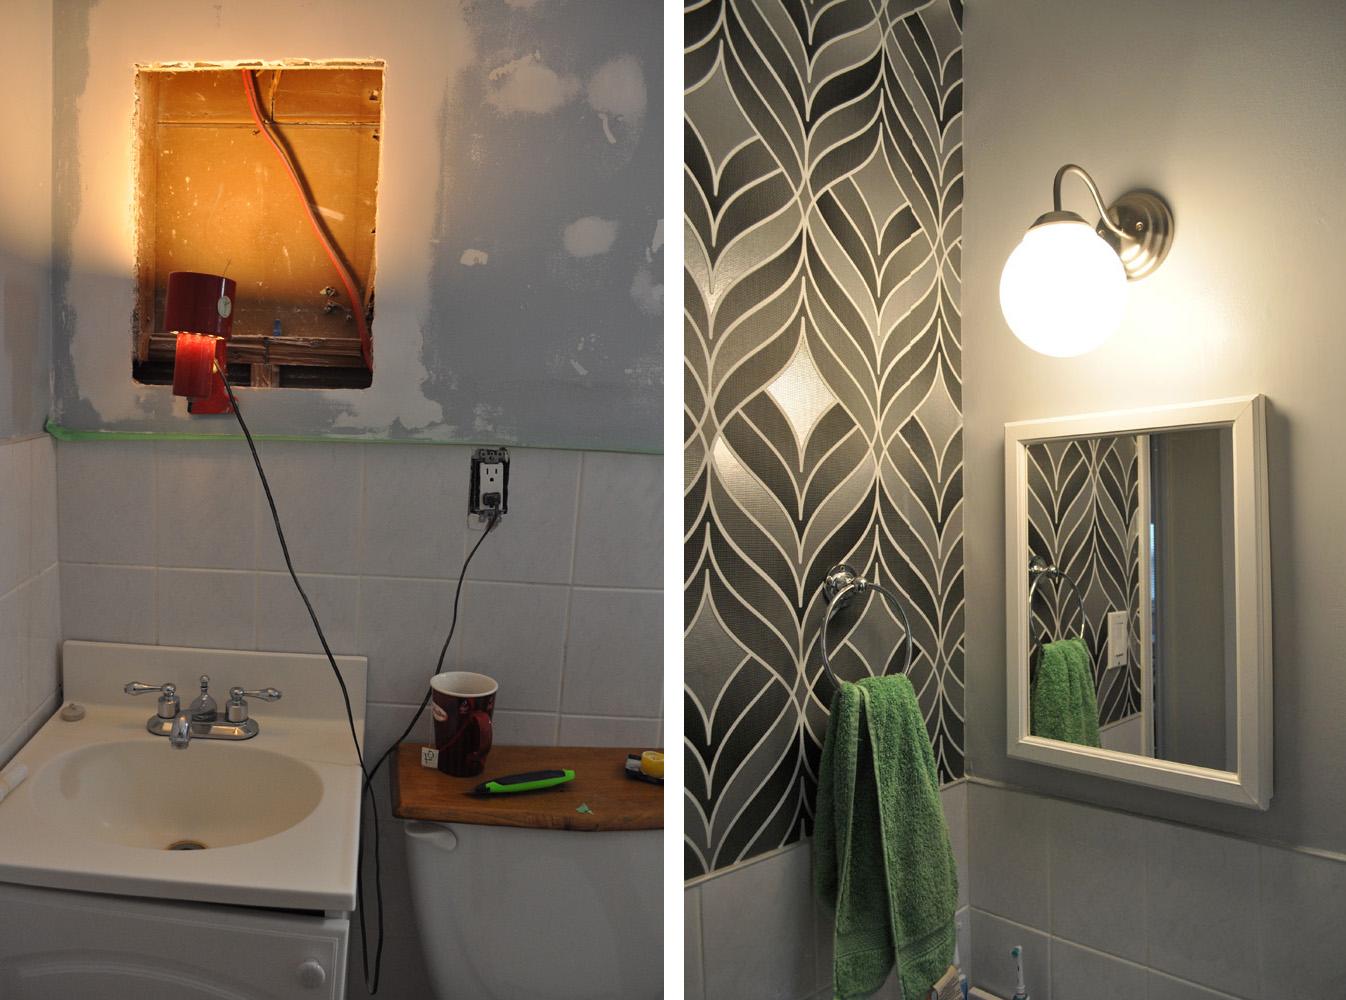 20170407&133215_Behang In De Badkamer ~ Badkamer Behang  Behang voor de badkamer?  hetknussehuisje